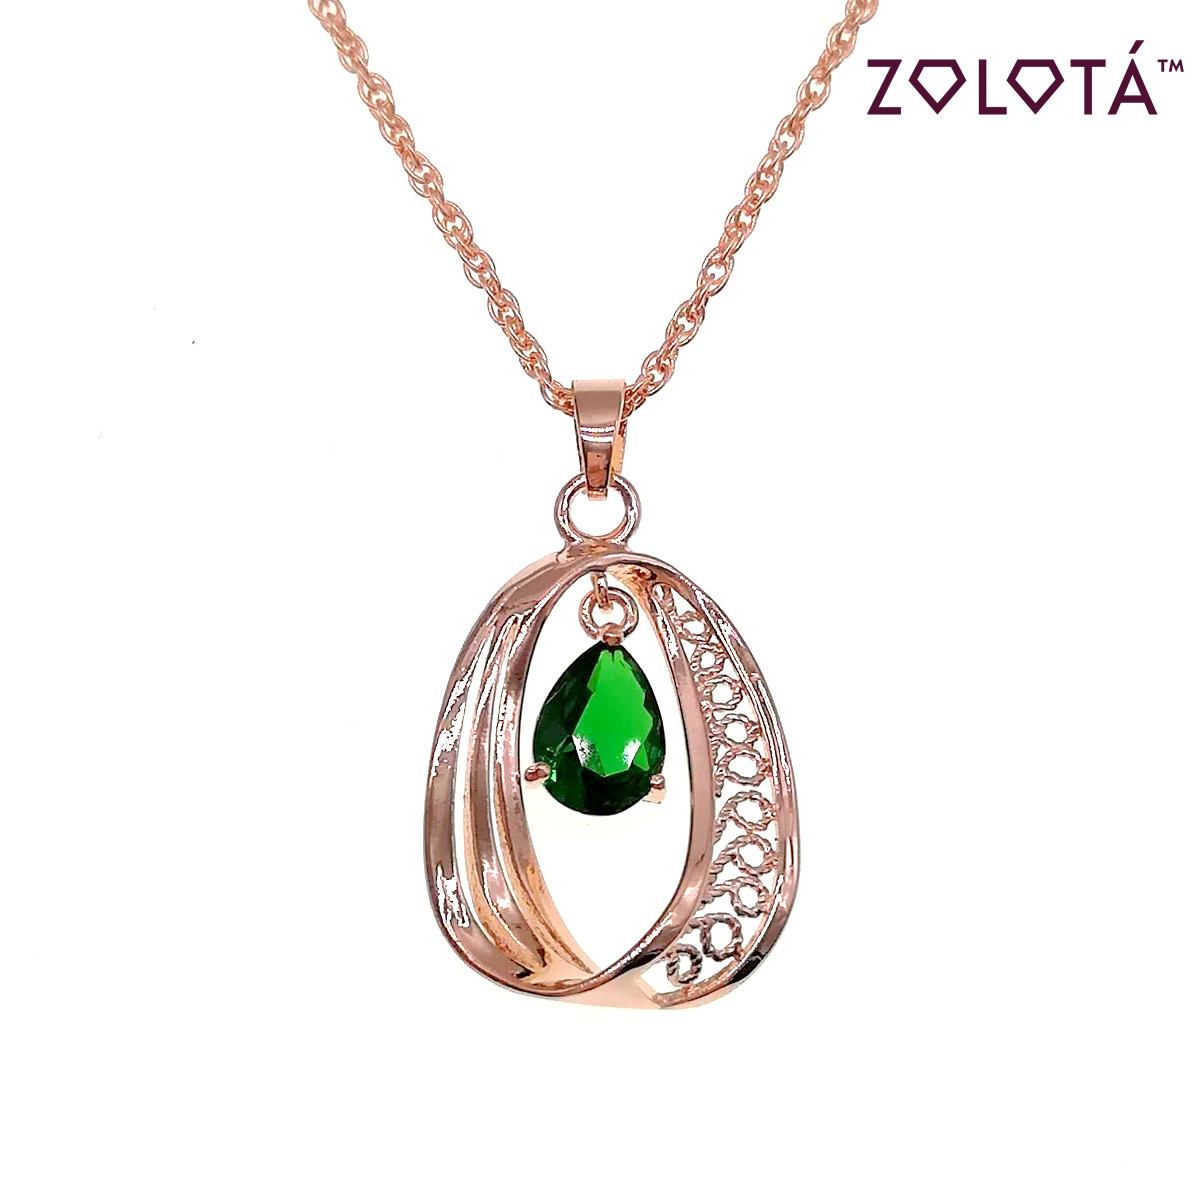 Подвеска на цепочке с зеленым фианитом (куб. цирконием), из медицинского золота, в позолоте, ЗЛ00236 (1)